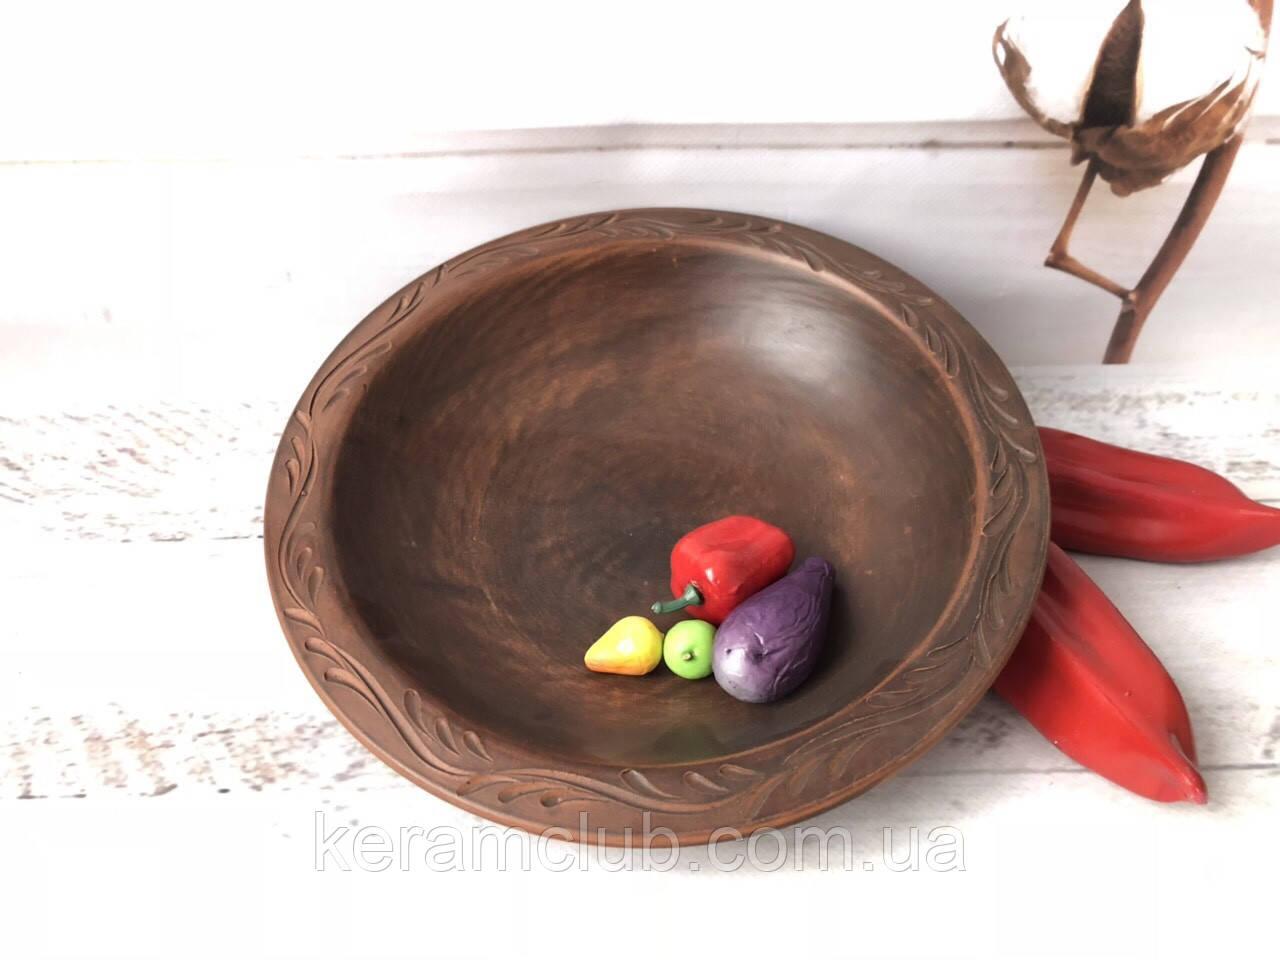 Тарелка для первых блюд